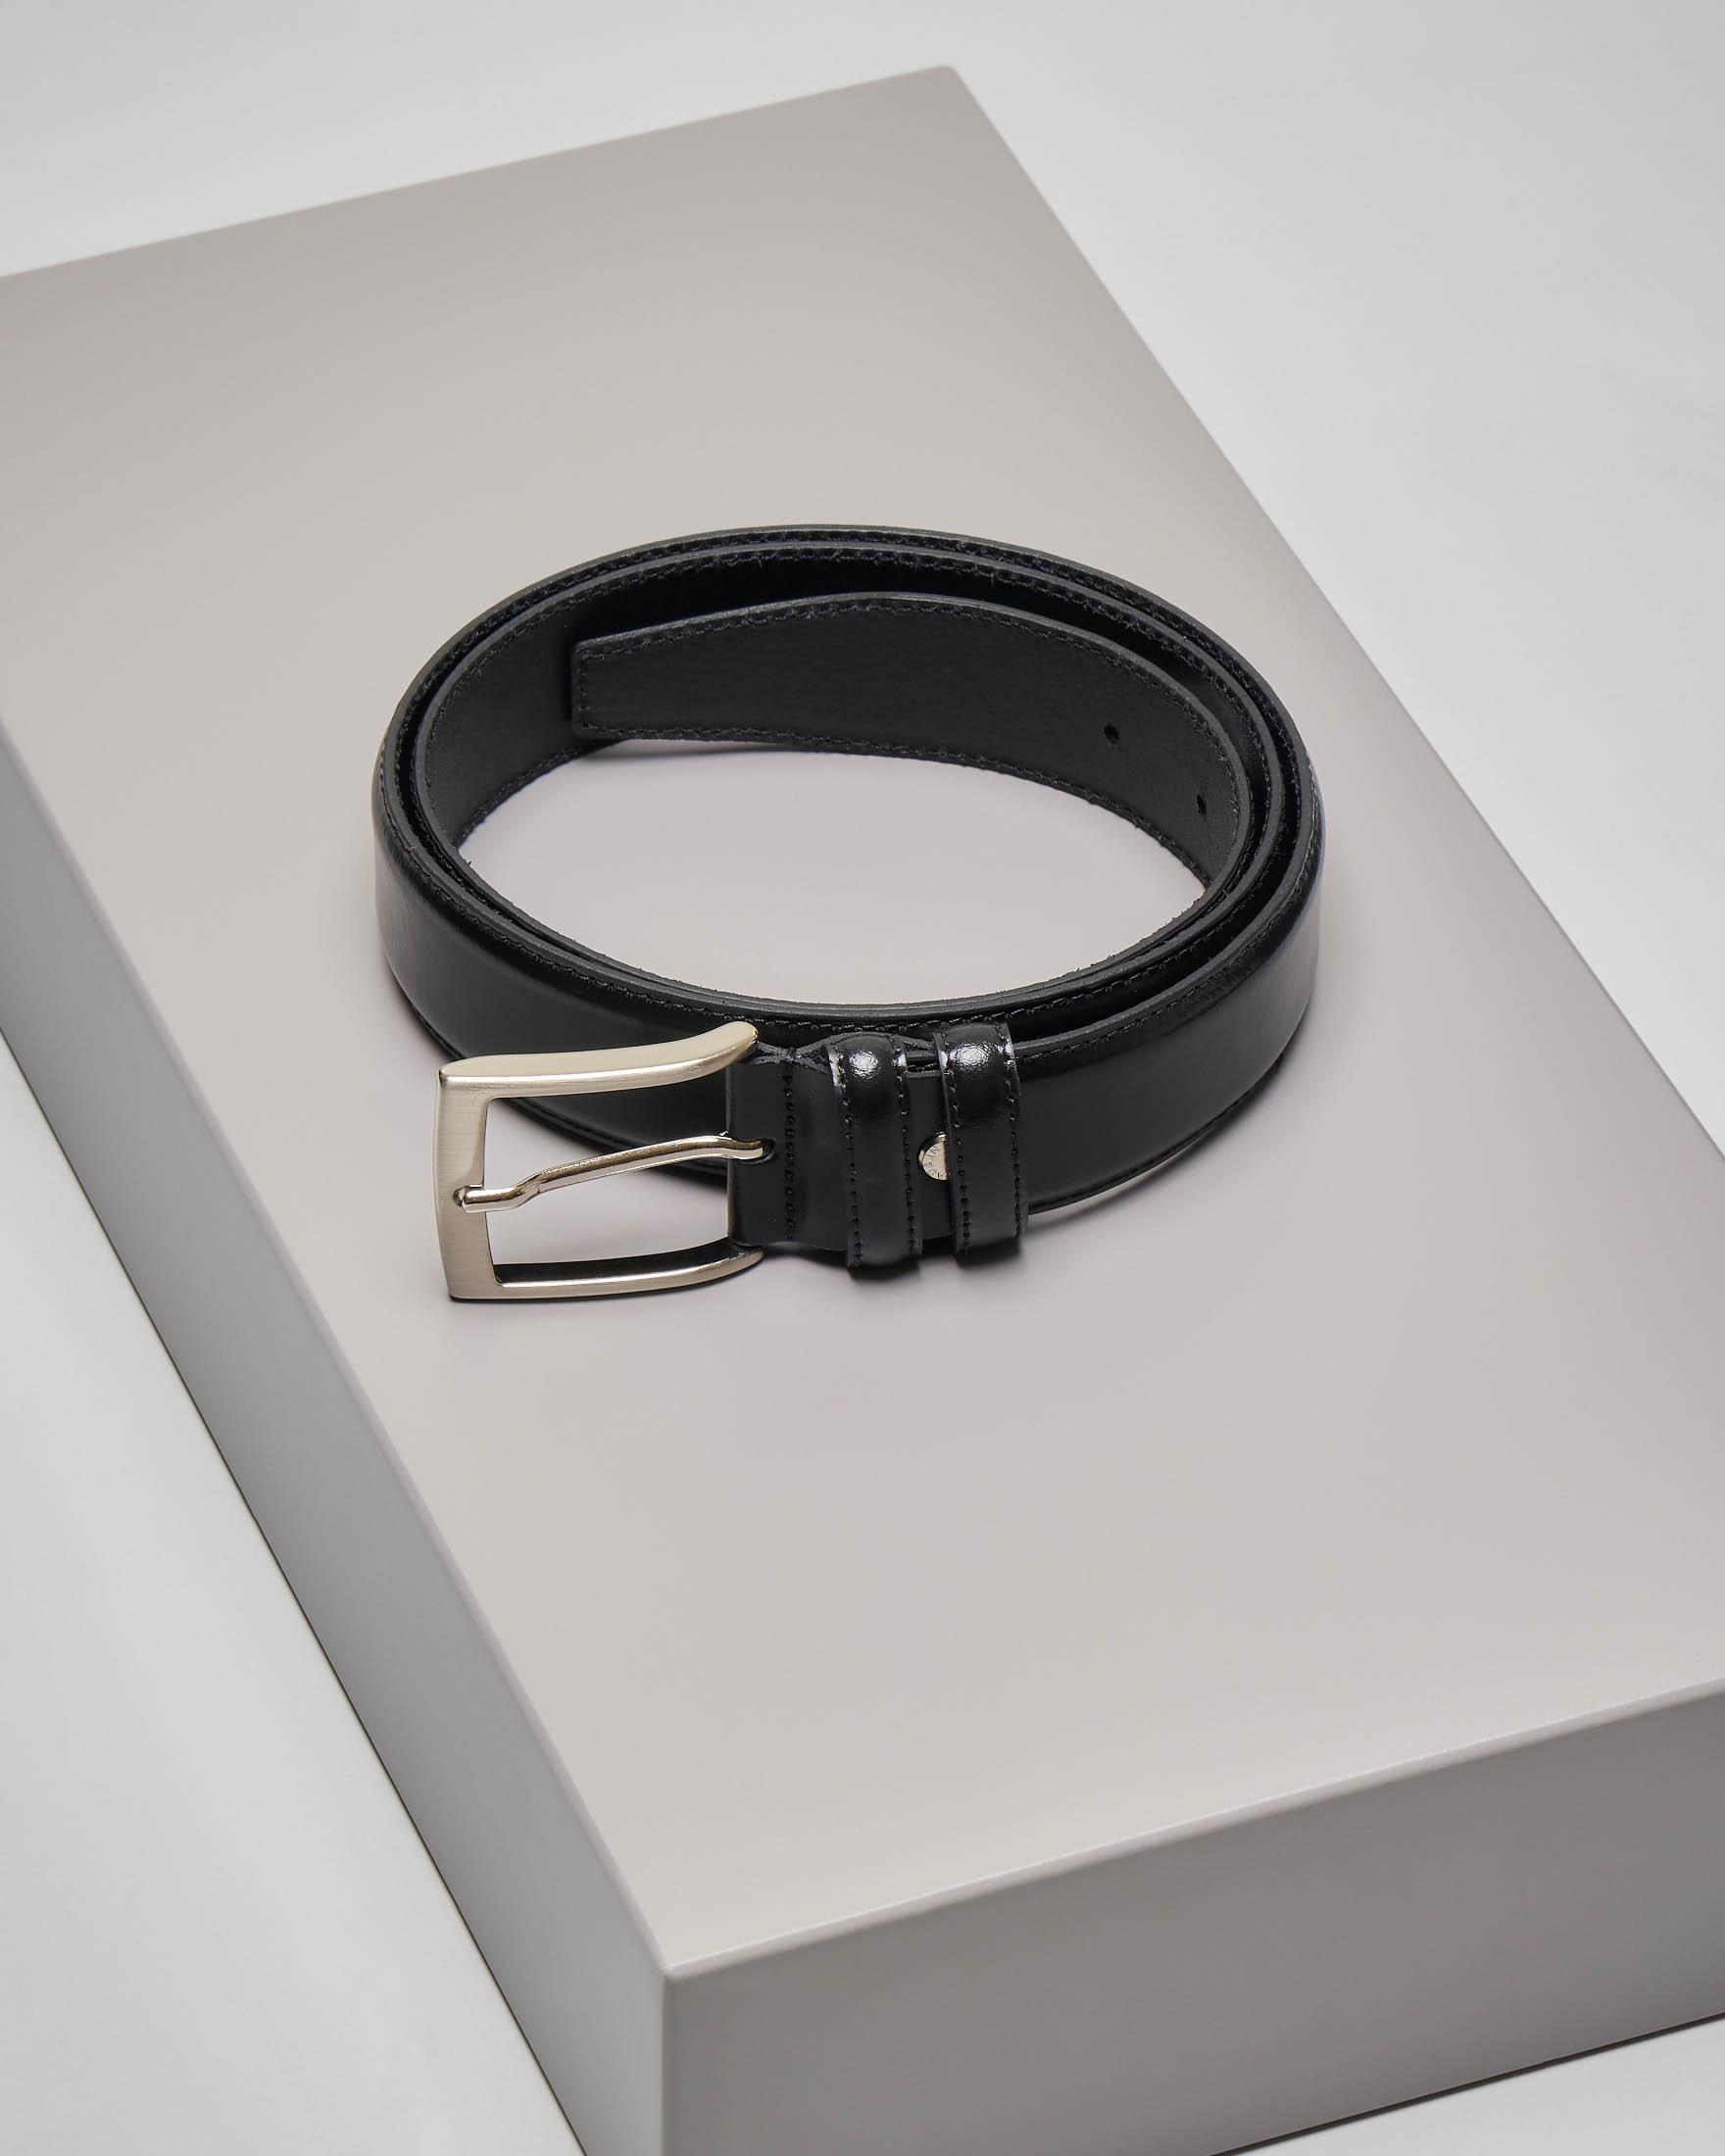 Cintura nera in pelle liscia con fibbia satinata